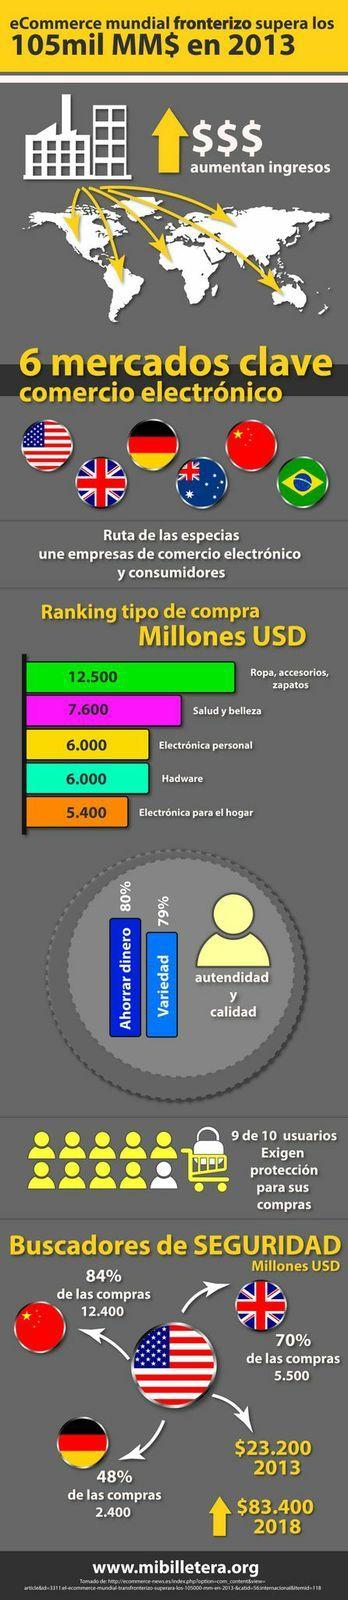 El ecommerce mundial transfronterizo superará los 105.000 MM$ en 2013 visita www.mibilletera.org